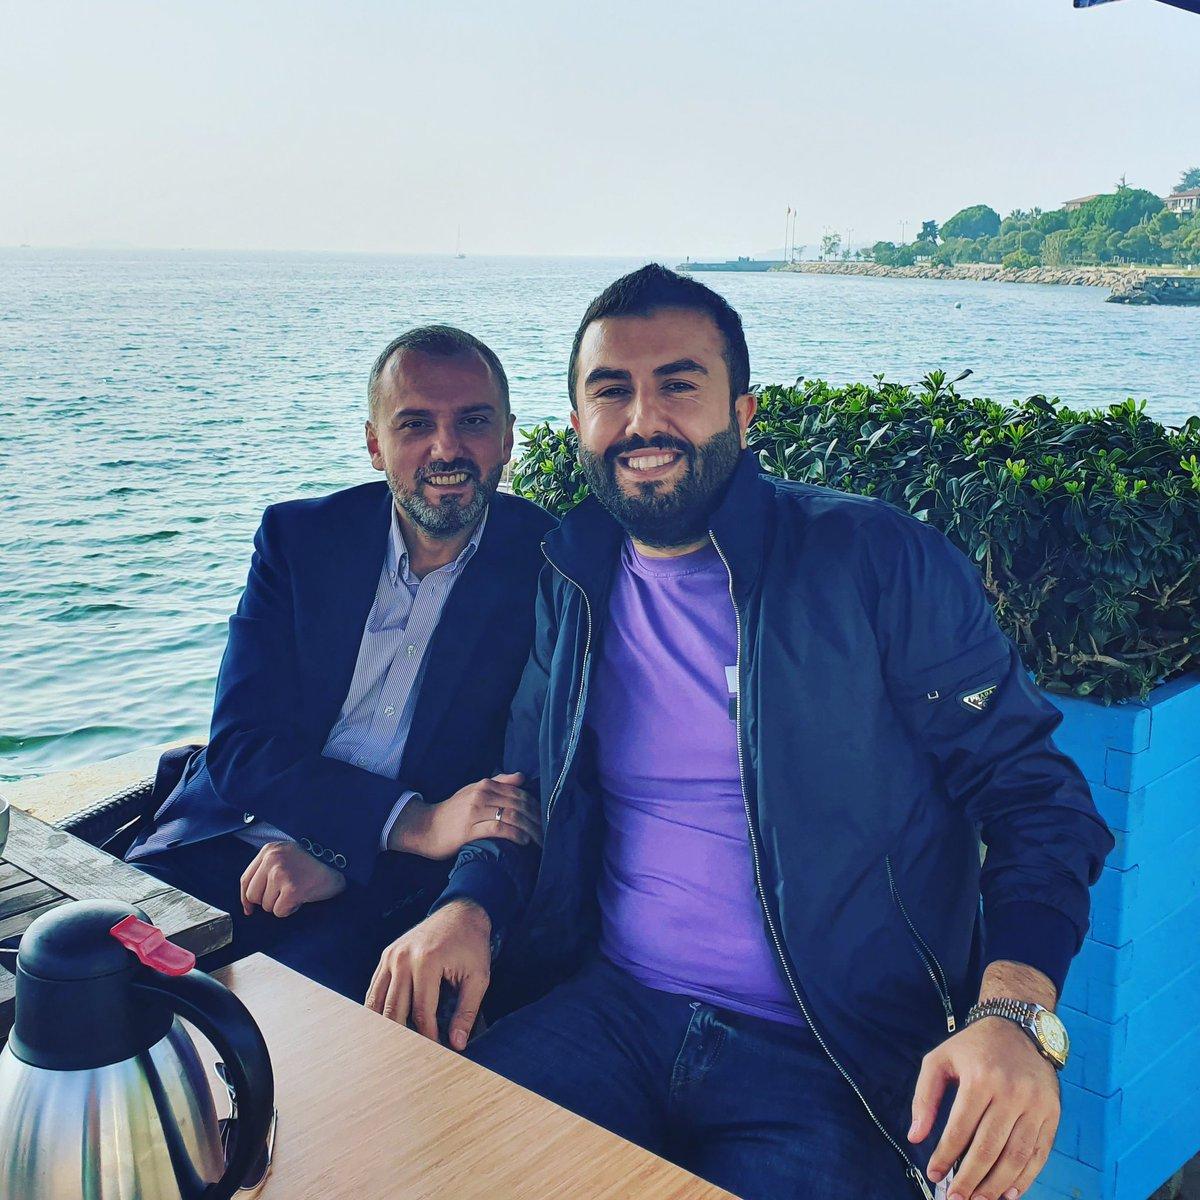 Ak Parti Genel Başkan Yardımcımız Teşkilat Başkanımız değerli dostum Sn @erkankandemir ile gündeme dair sohbet etme fırsatı bulduk.Kendilerine çok teşekkür ederim..@vedatdemiroz https://t.co/6eCJ8NF8yS